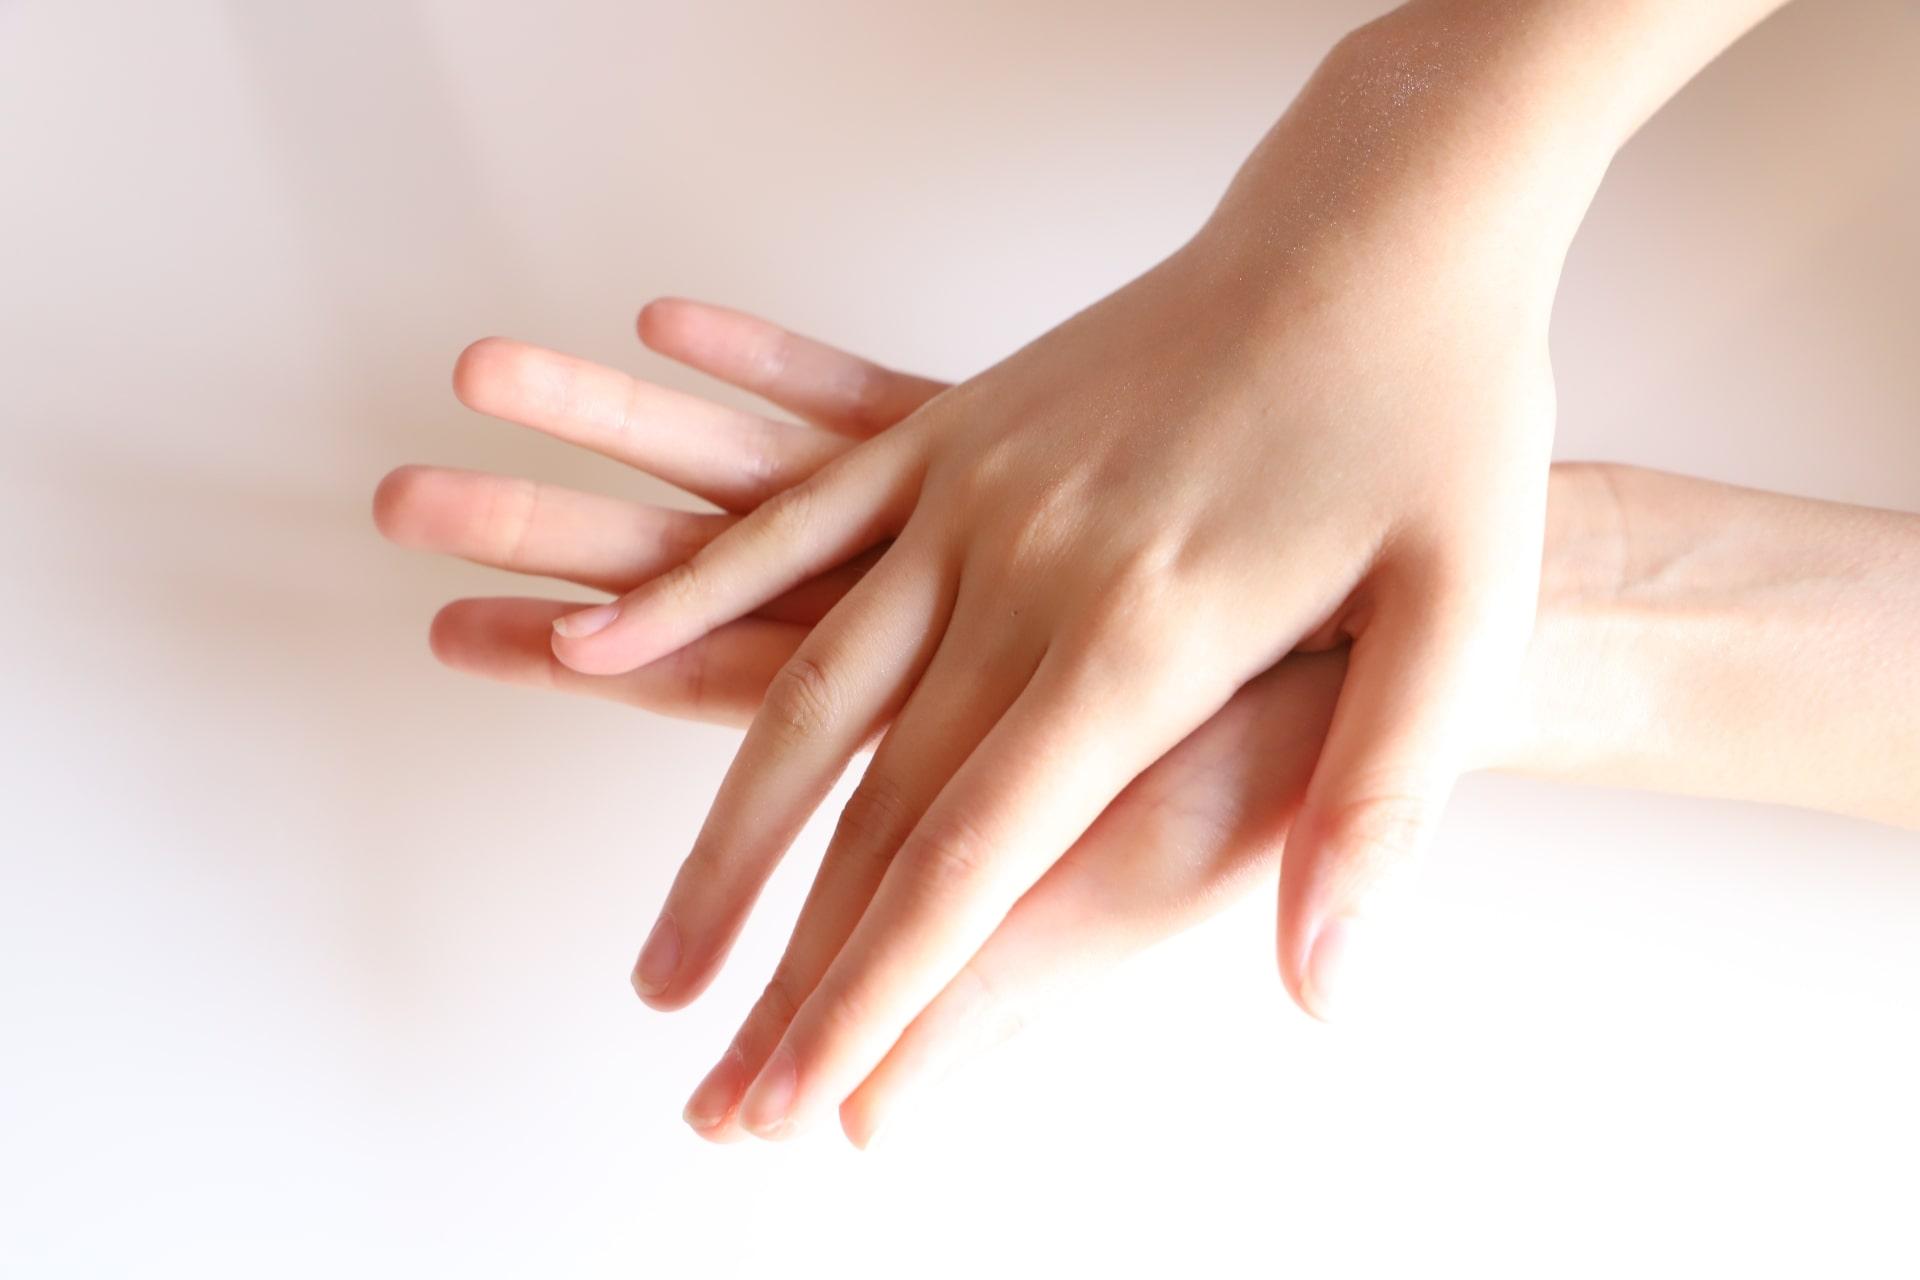 手が綺麗だと感じる時